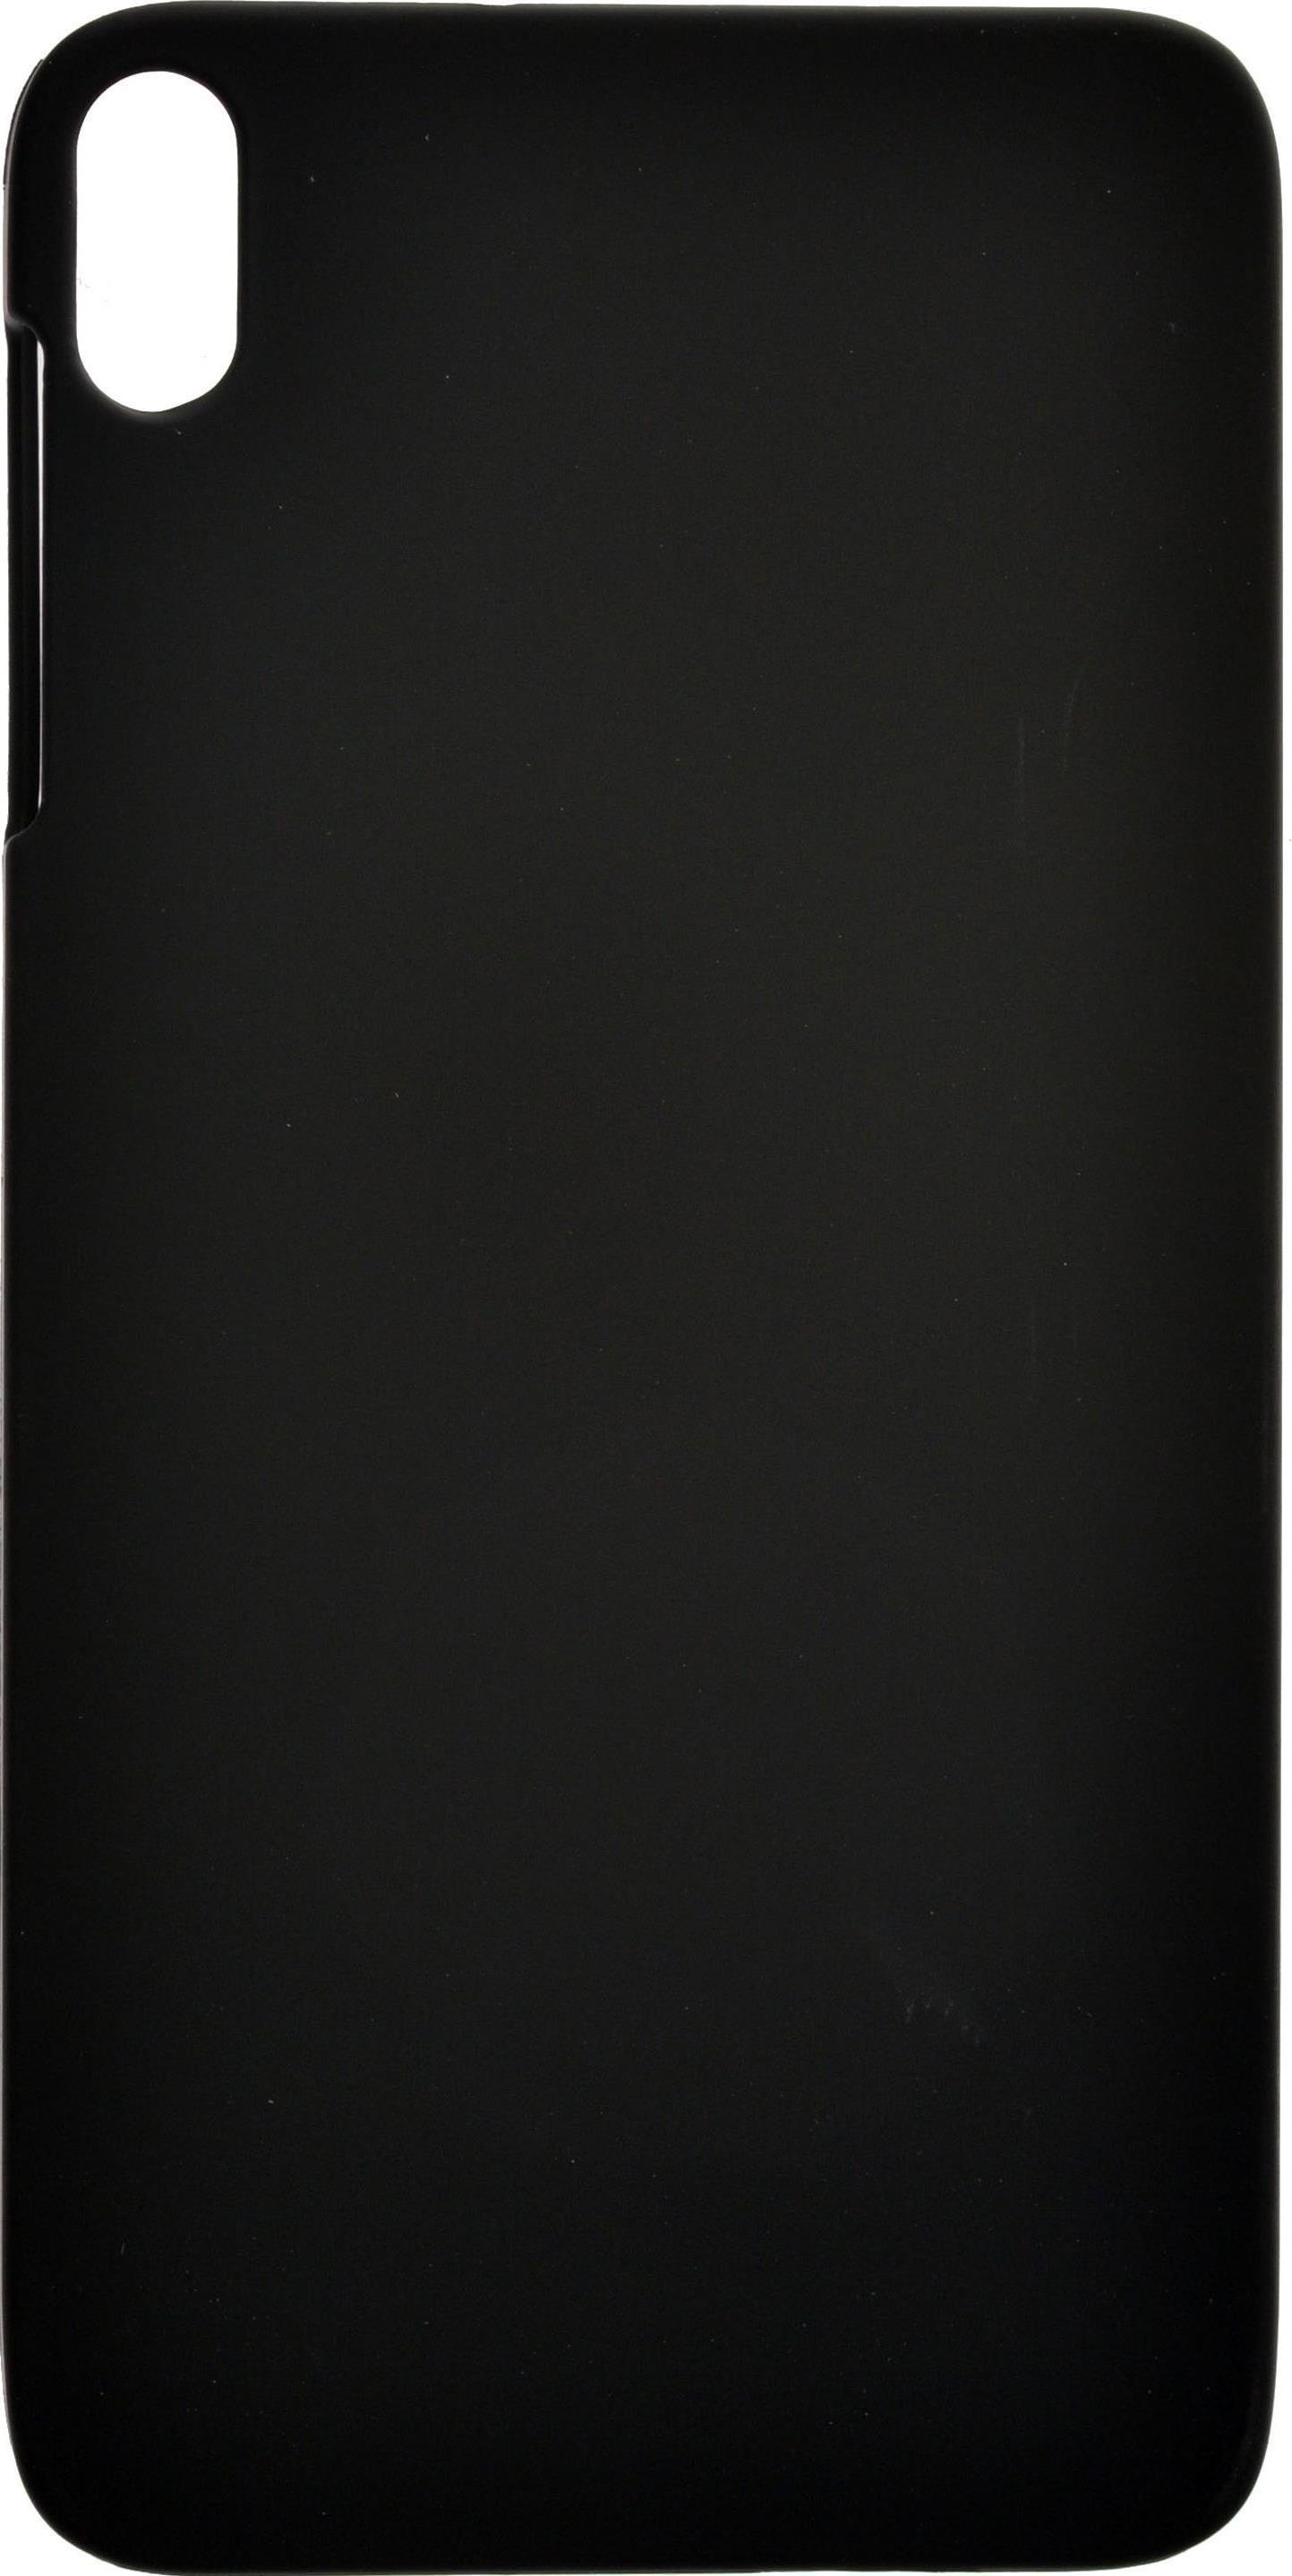 цена на Чехол для сотового телефона skinBOX 4People, 4630042524965, черный